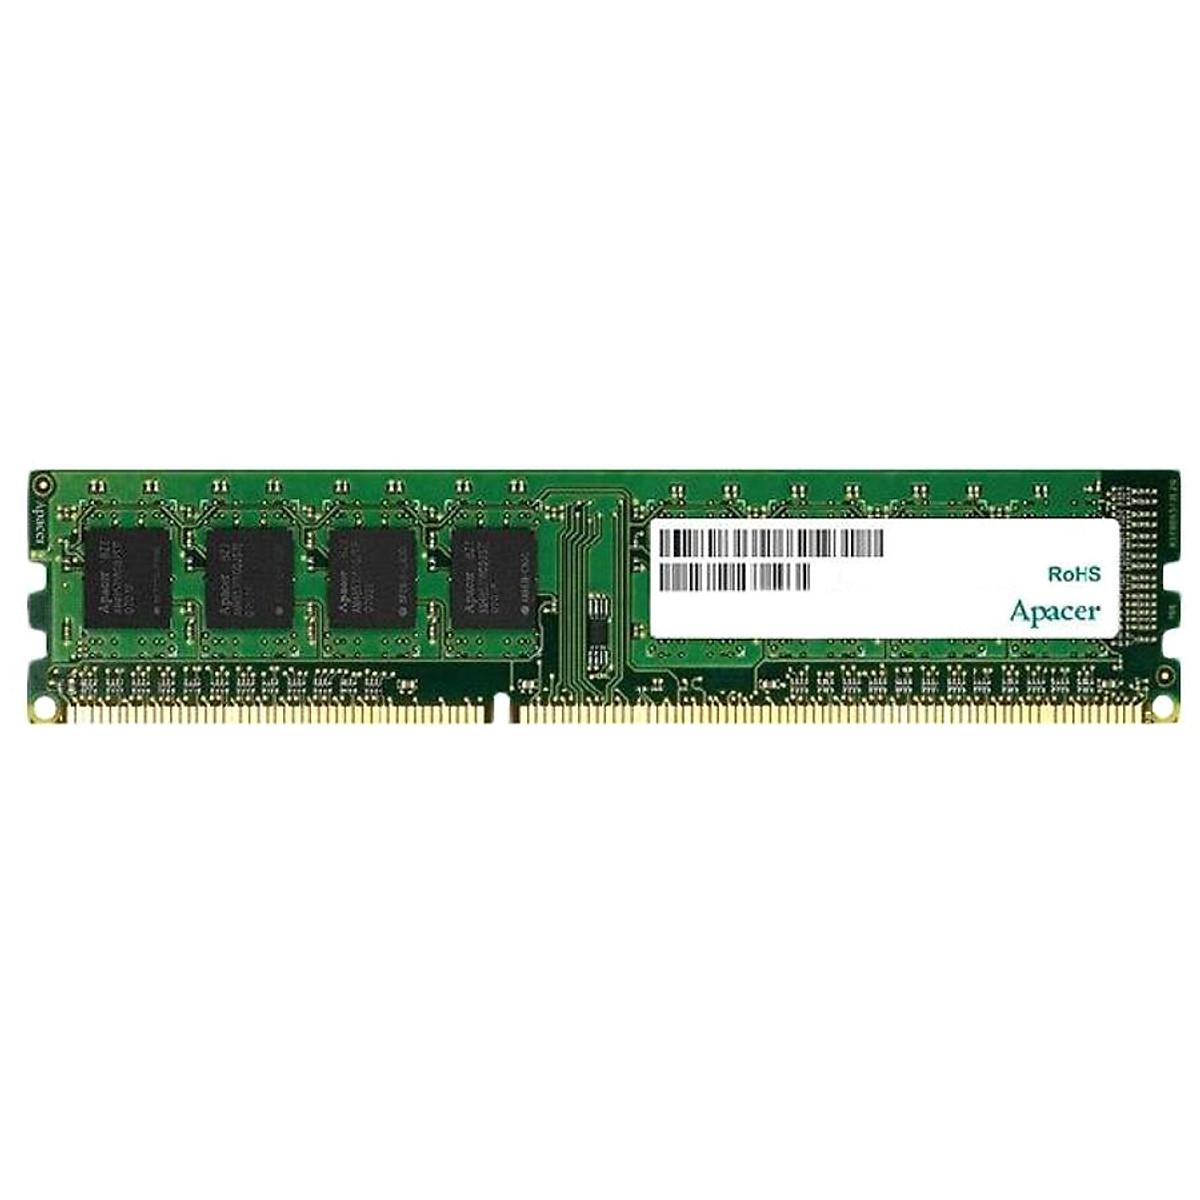 Hình đại diện sản phẩm RAM PC Apacer DDR3 1600 2GB DL.02G2K.HAM - Hàng Chính Hãng